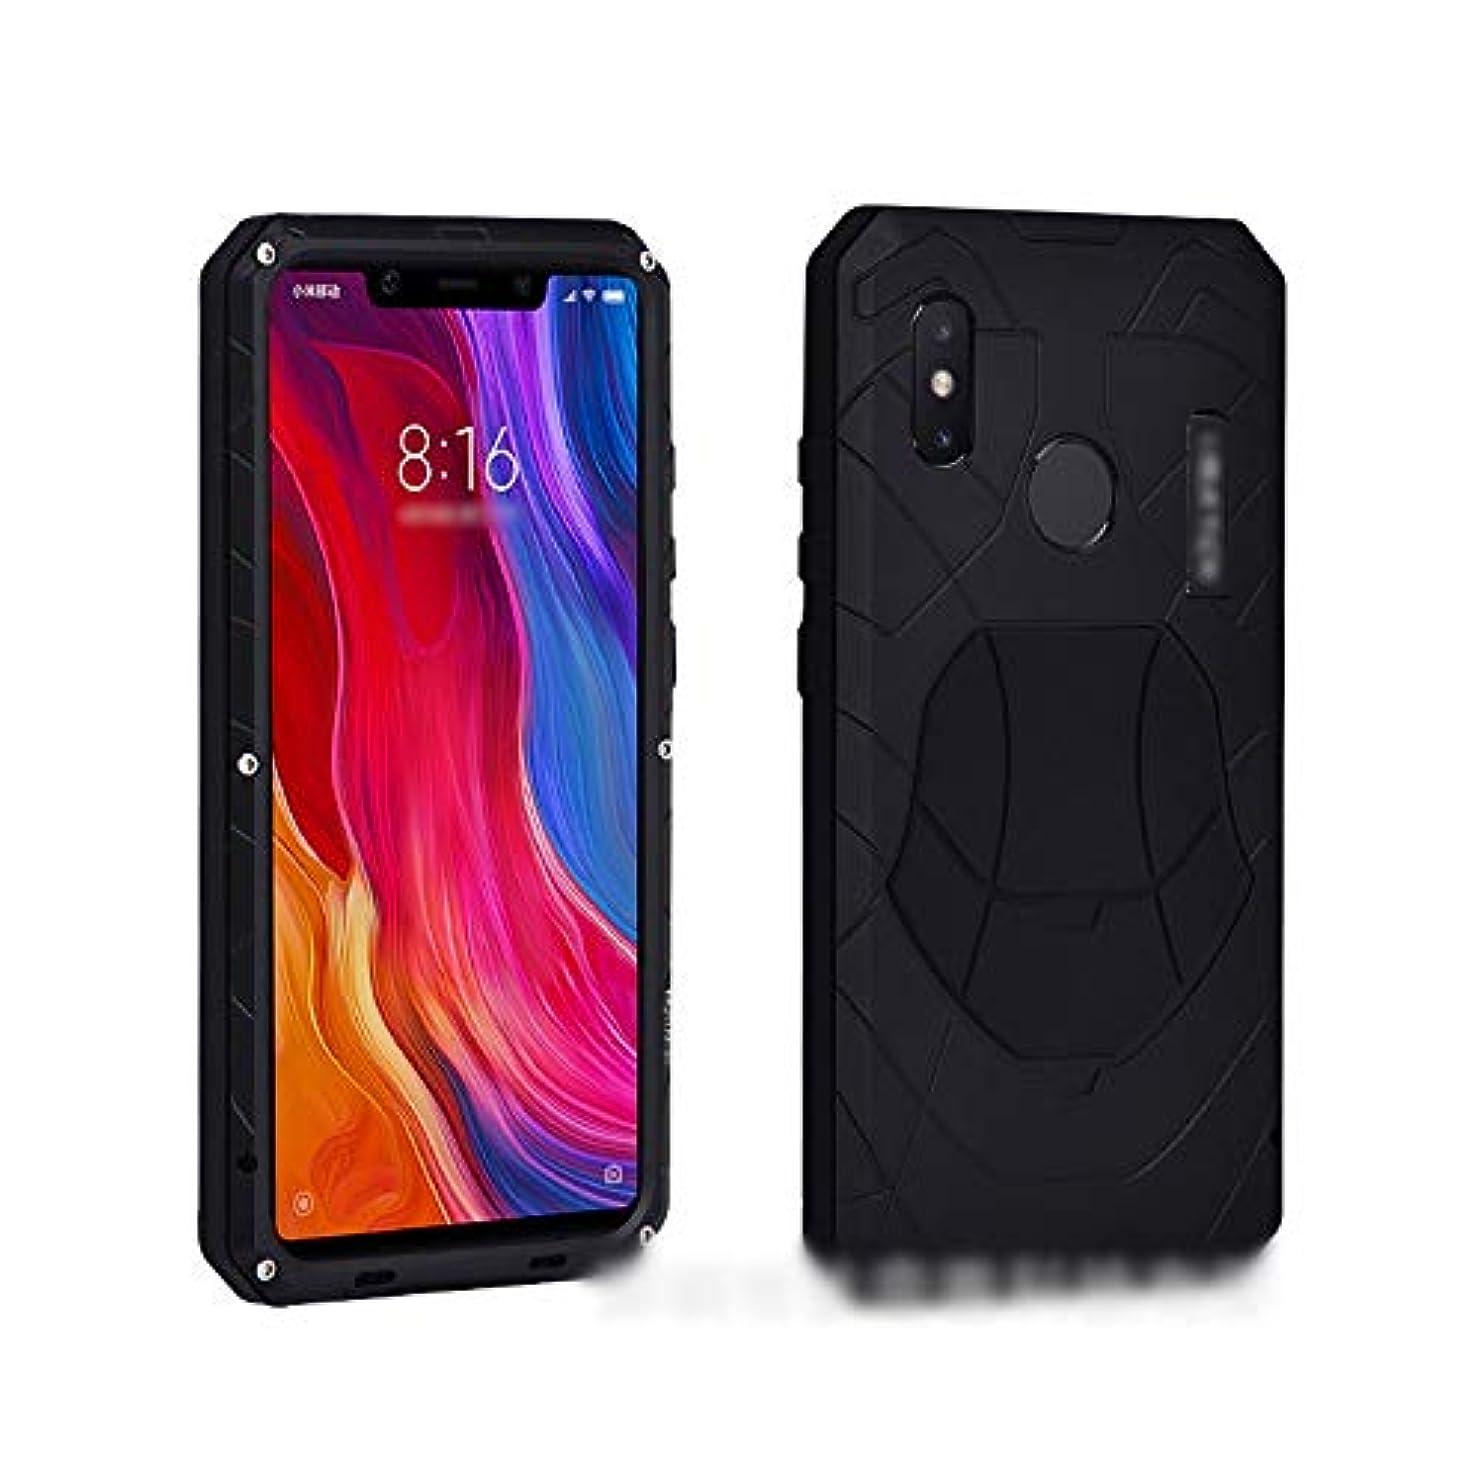 ブレーキ聖職者正確にTonglilili Xiaomi Max3、mix2s、mix2、max、2,8用の新しいメタル電話ケース3保護スリーブ飛散防止シェル (Color : 黒, Edition : 2)